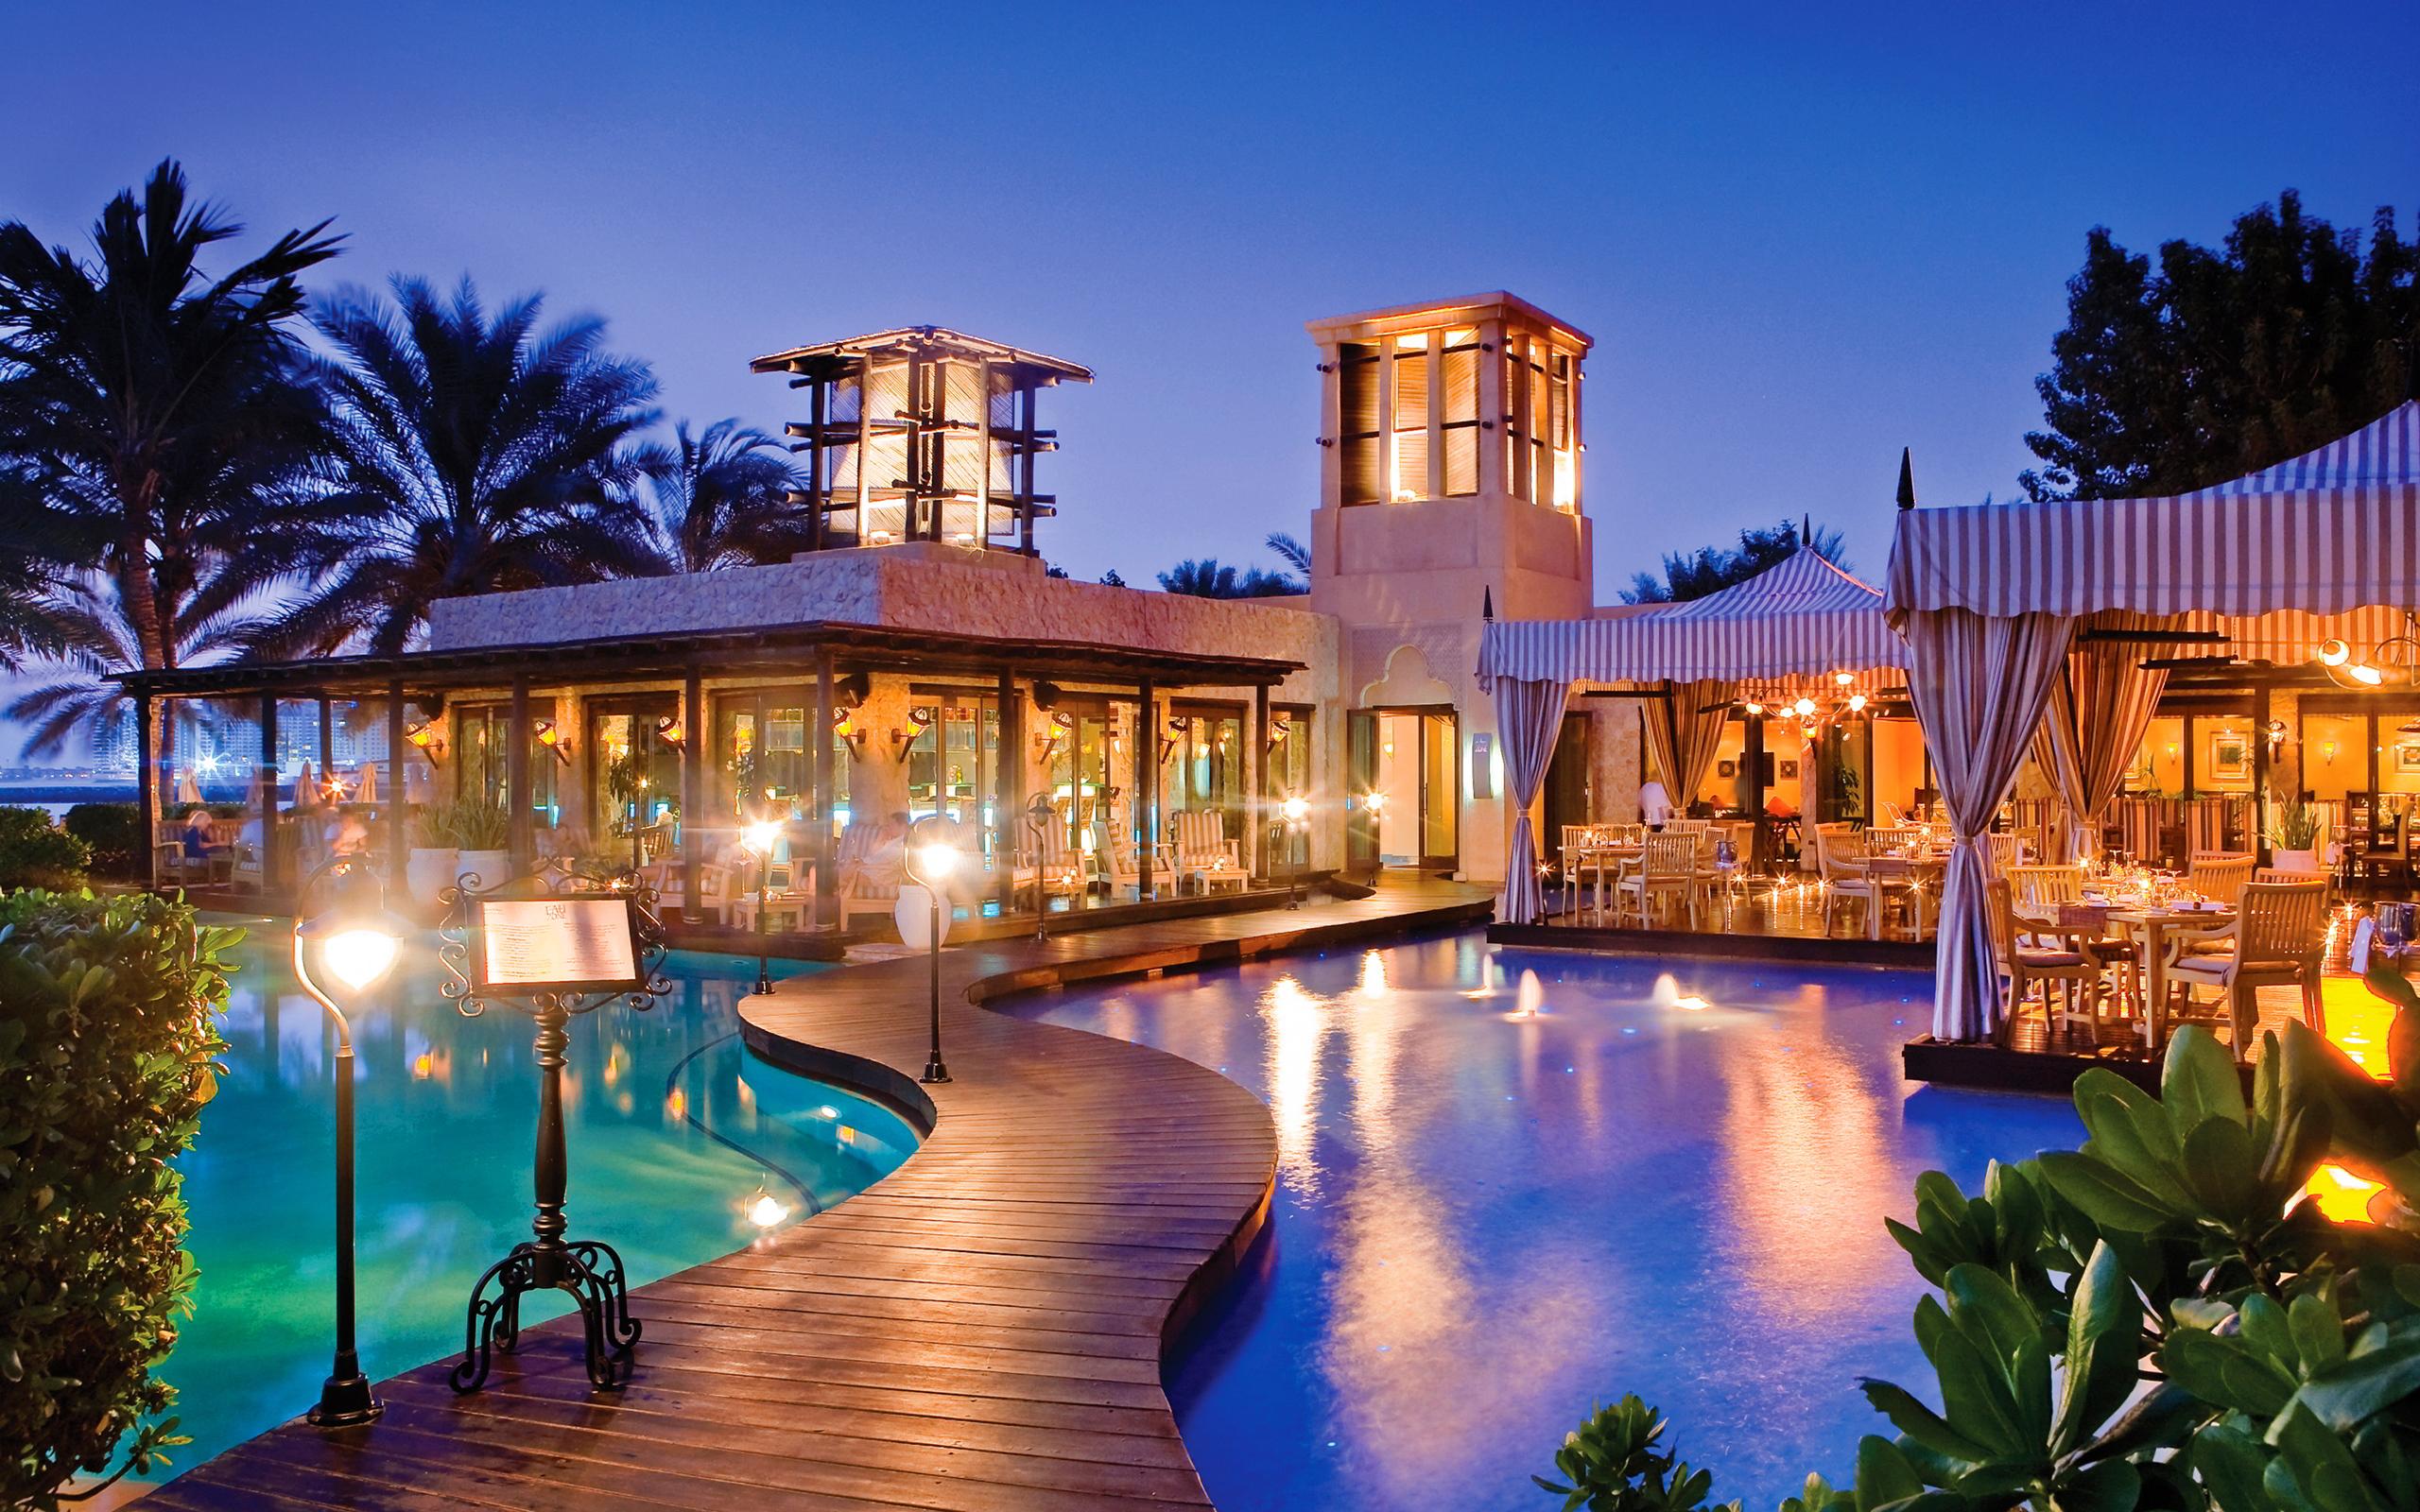 Royal mirage resort dubai